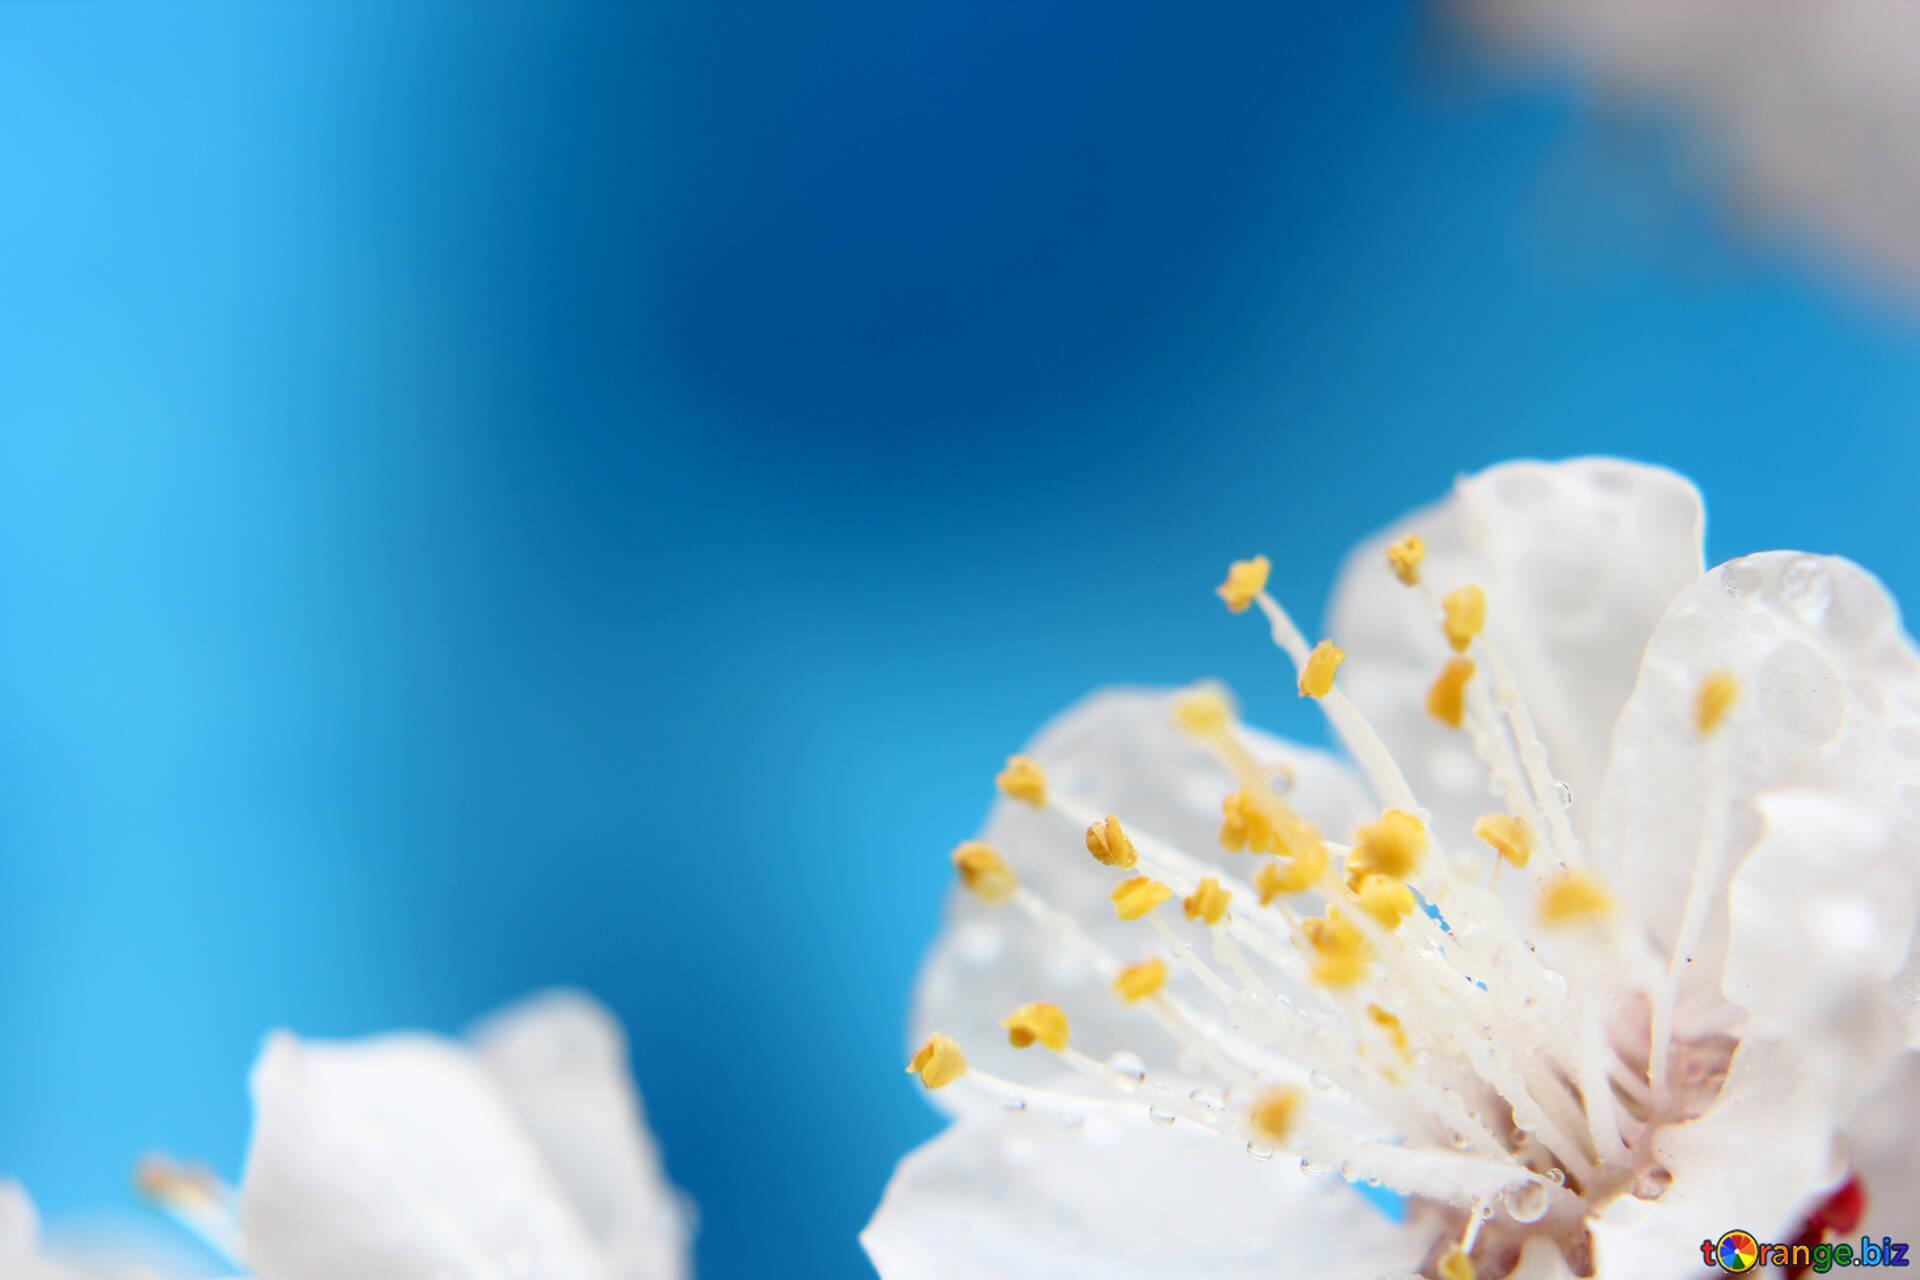 Sfondo con rami fioriti di alberi primavera fiore sfondo for Immagini desktop primavera